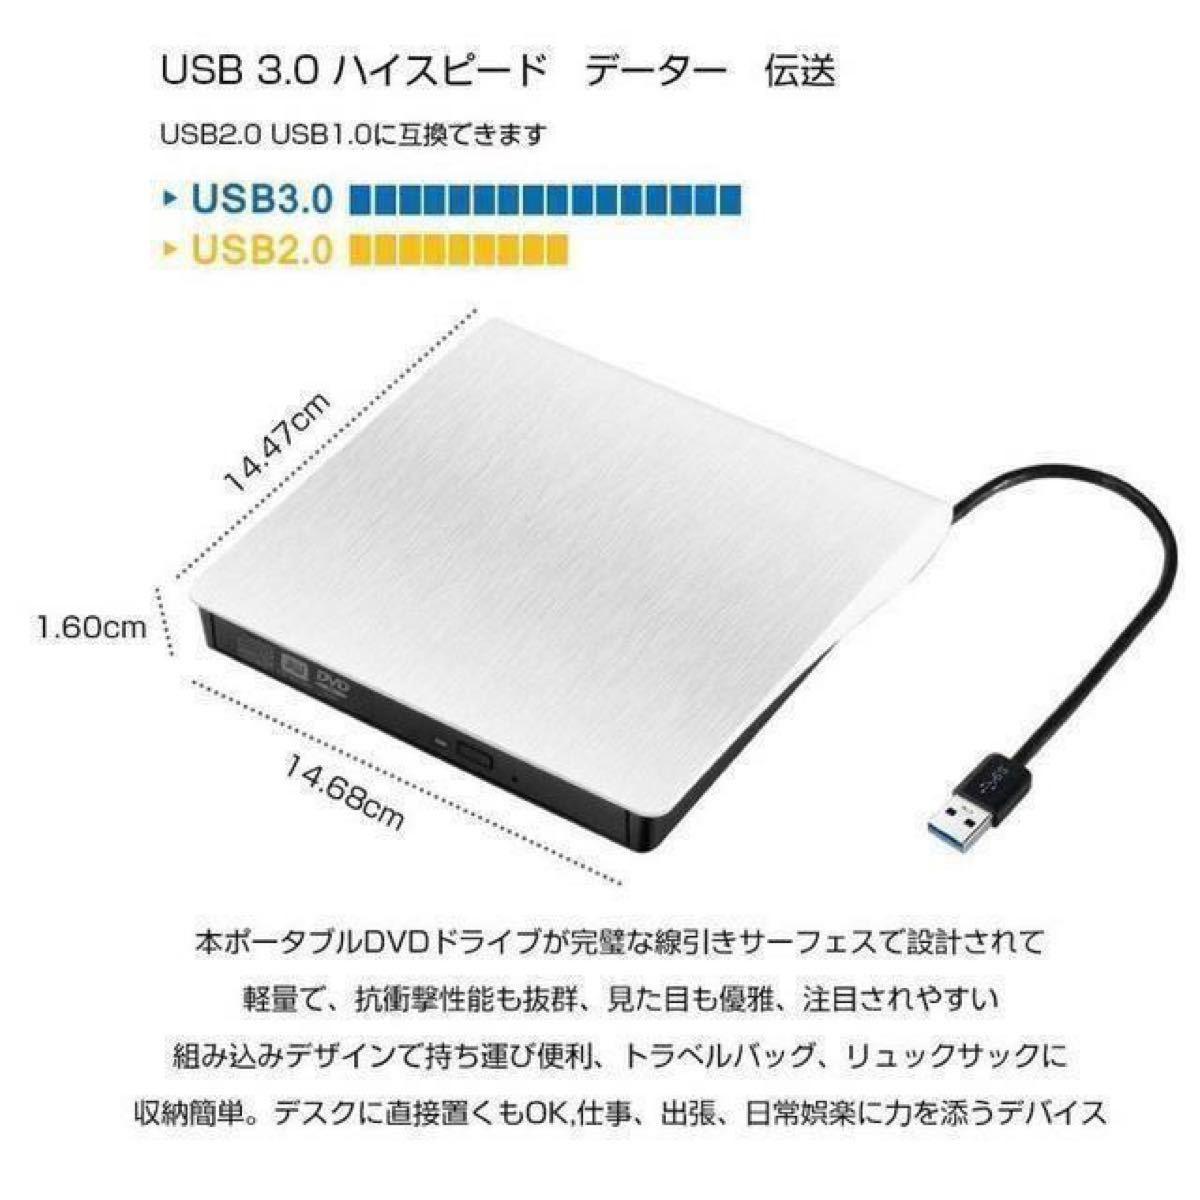 外付けDVDドライブ DVD USB3.0